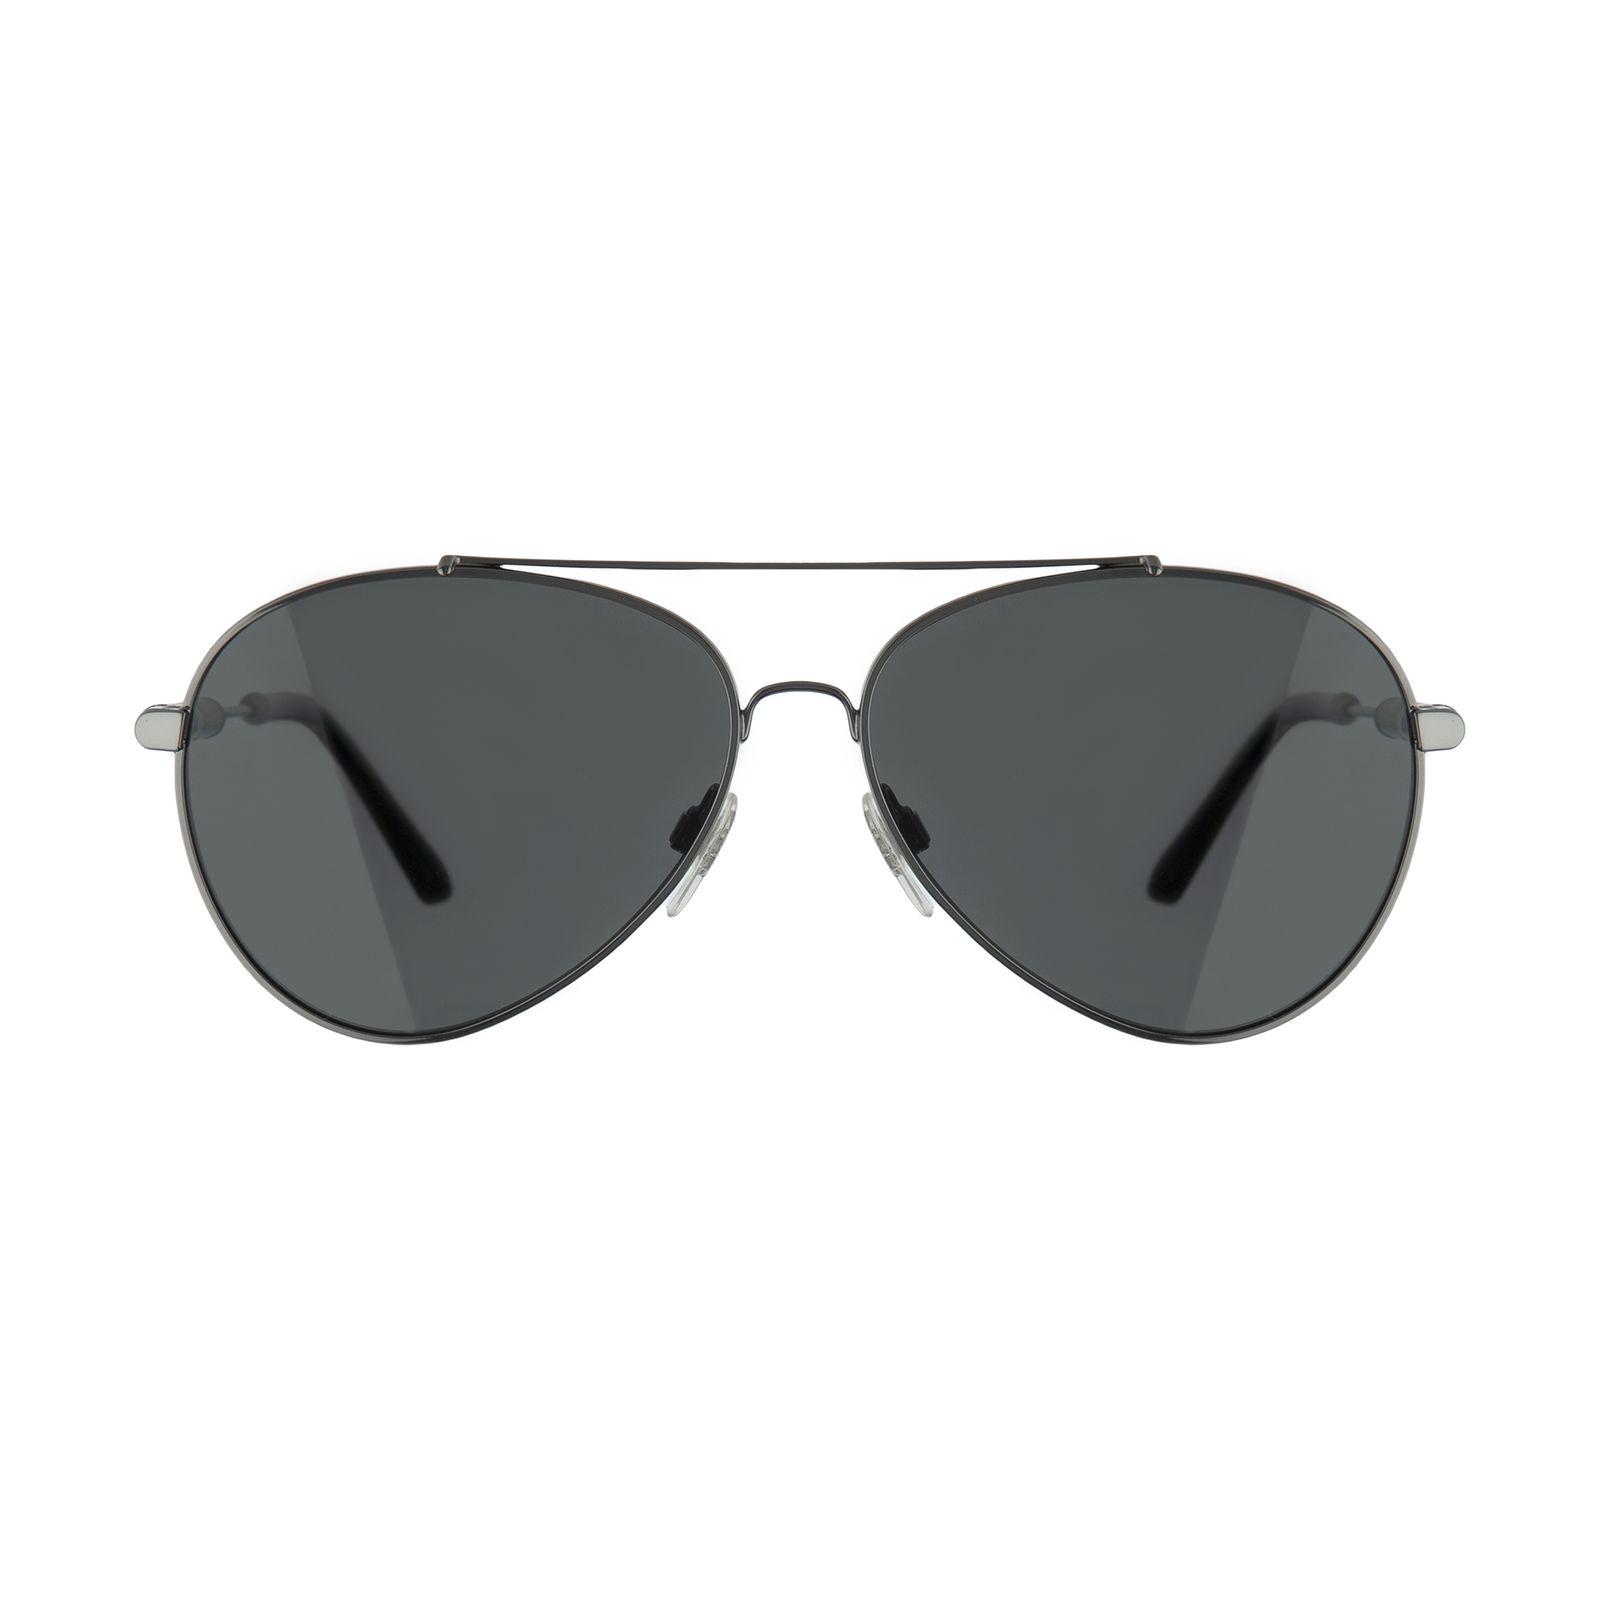 عینک آفتابی زنانه بربری مدل BE 3092Q 100387 57 -  - 2